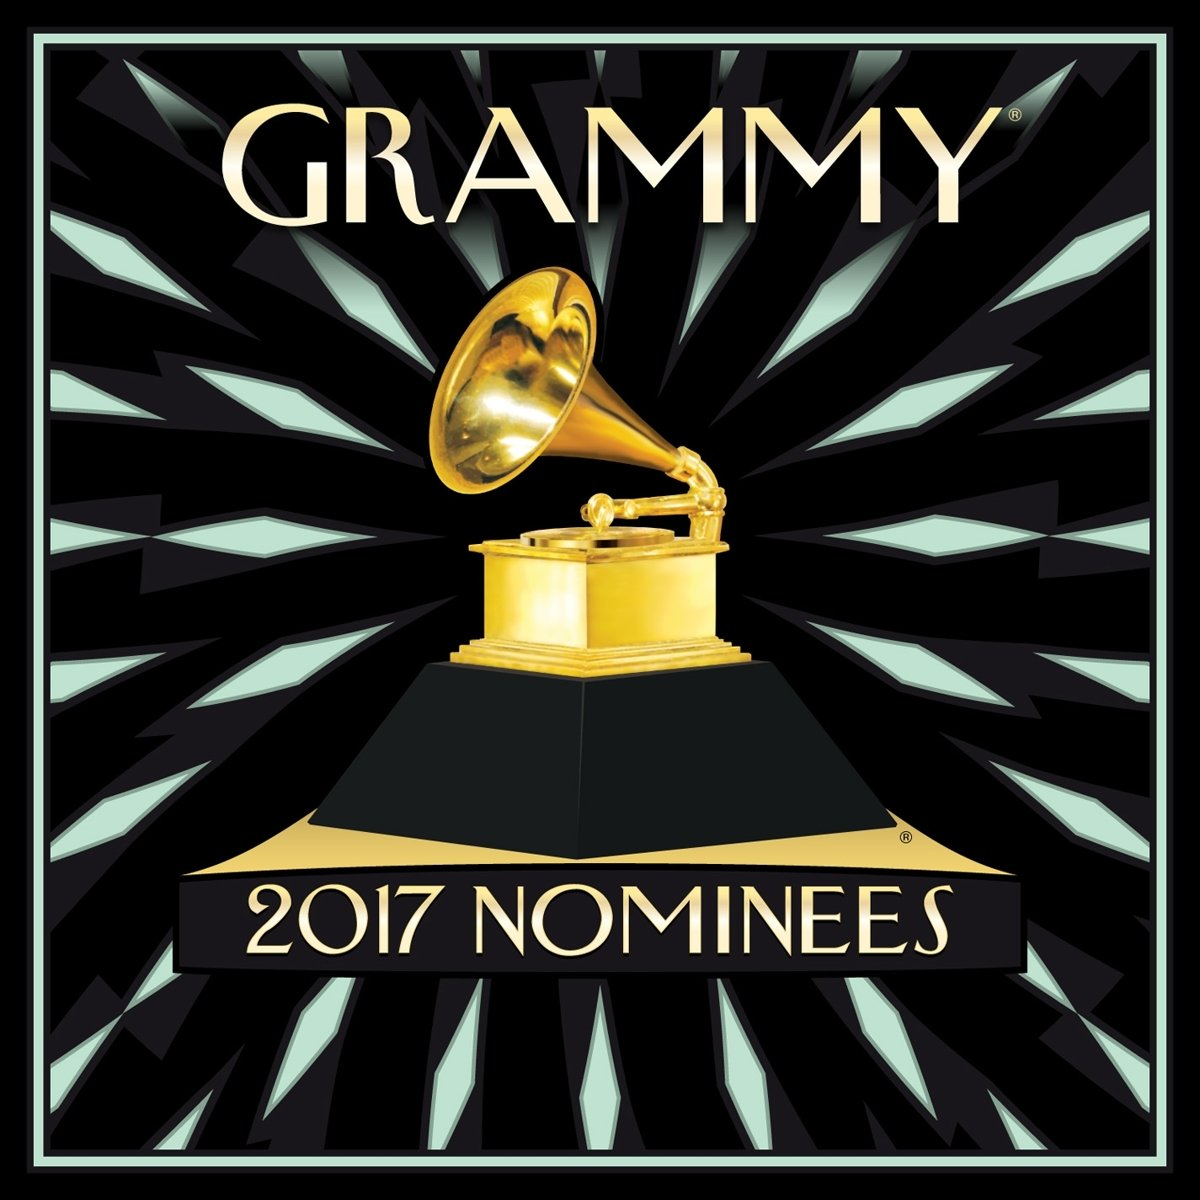 2017 Grammy Nominees 0075678662447